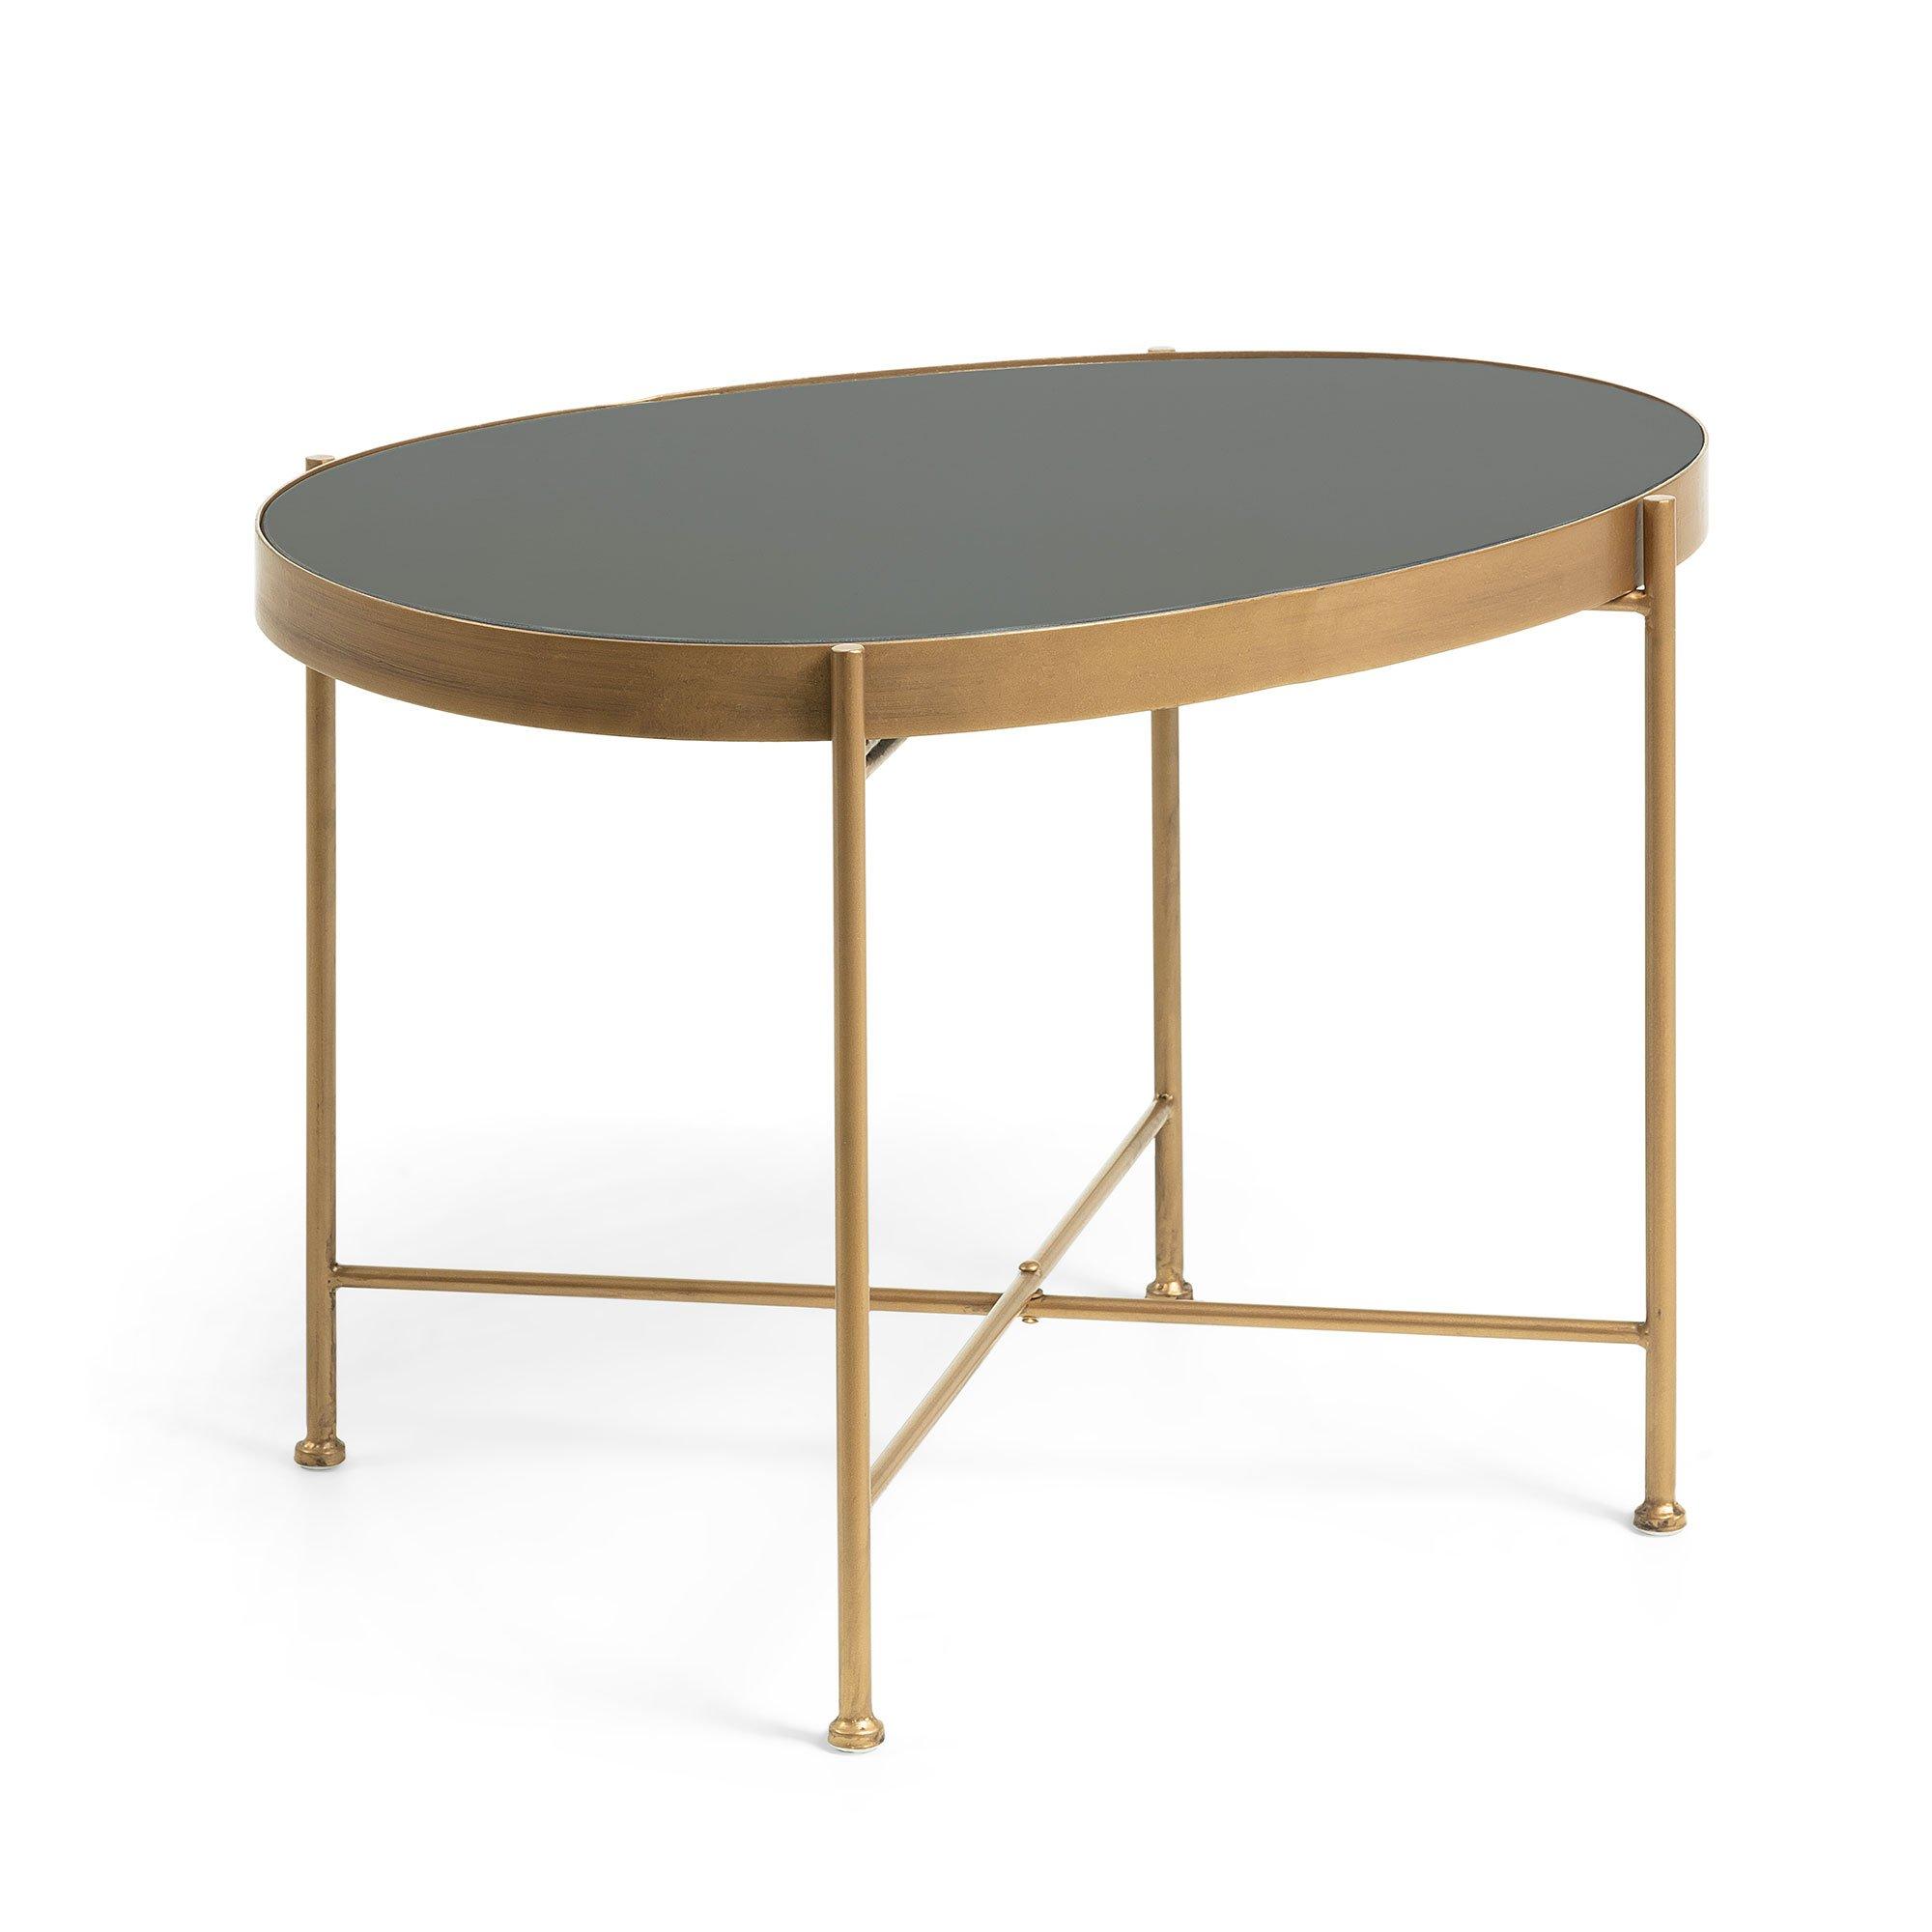 Table Basse Ovale Metal Dore Plateau Verre Noir Style Art Deco